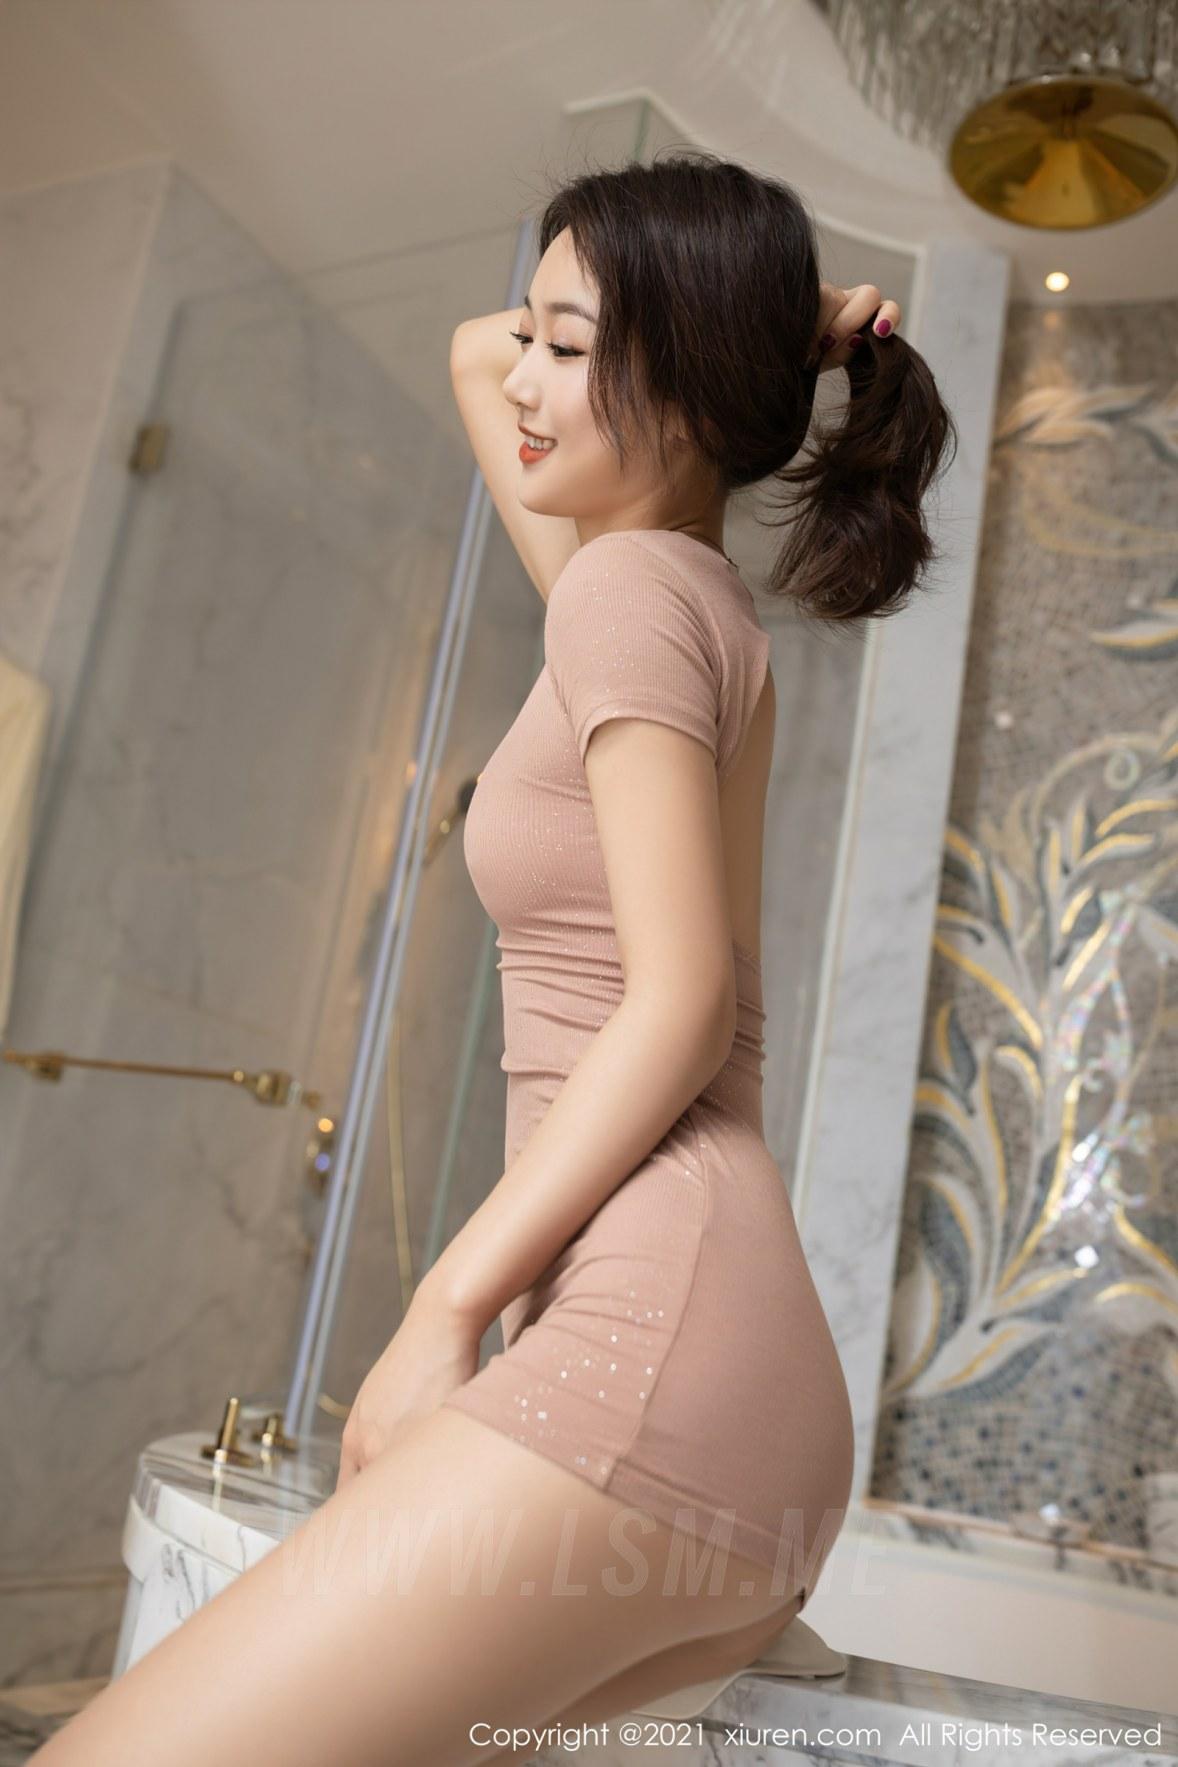 3780 005 bje 3600 5400 - XiuRen 秀人 No.3780 裸色裙主题系列 唐安琪 澳门旅拍写真22 - 秀人网 -【免费在线写真】【丽人丝语】